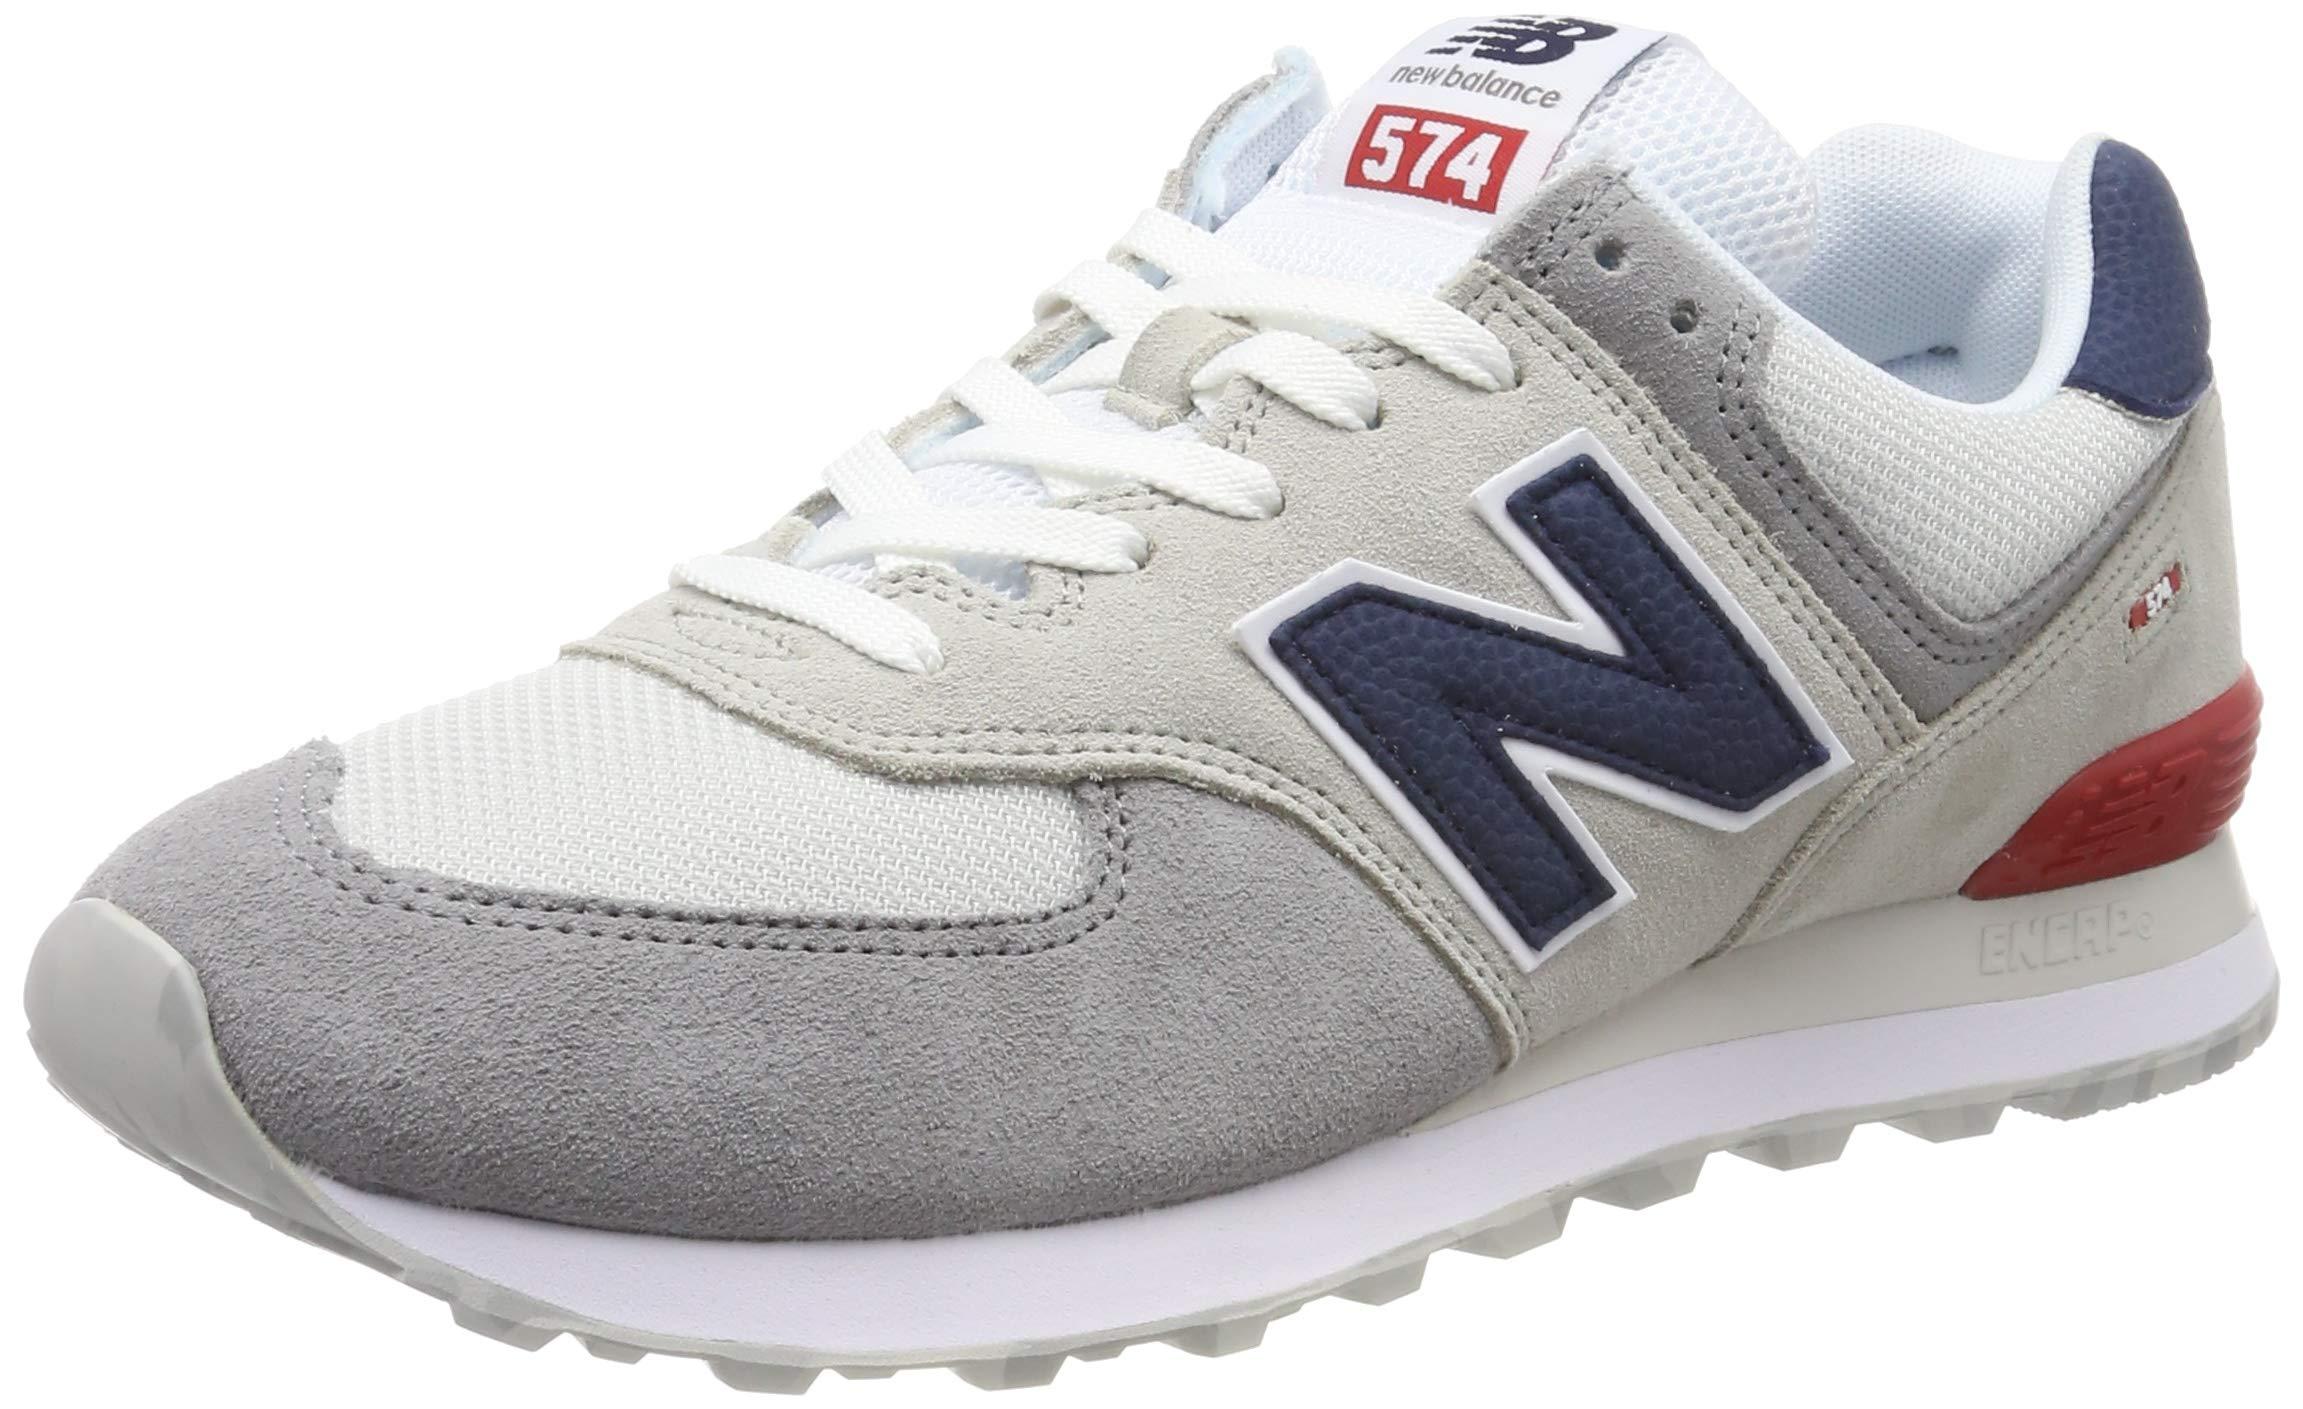 SneakerGrüngreenml574esc43 Balance New Ml574e Eu Herren 5ARLqj34